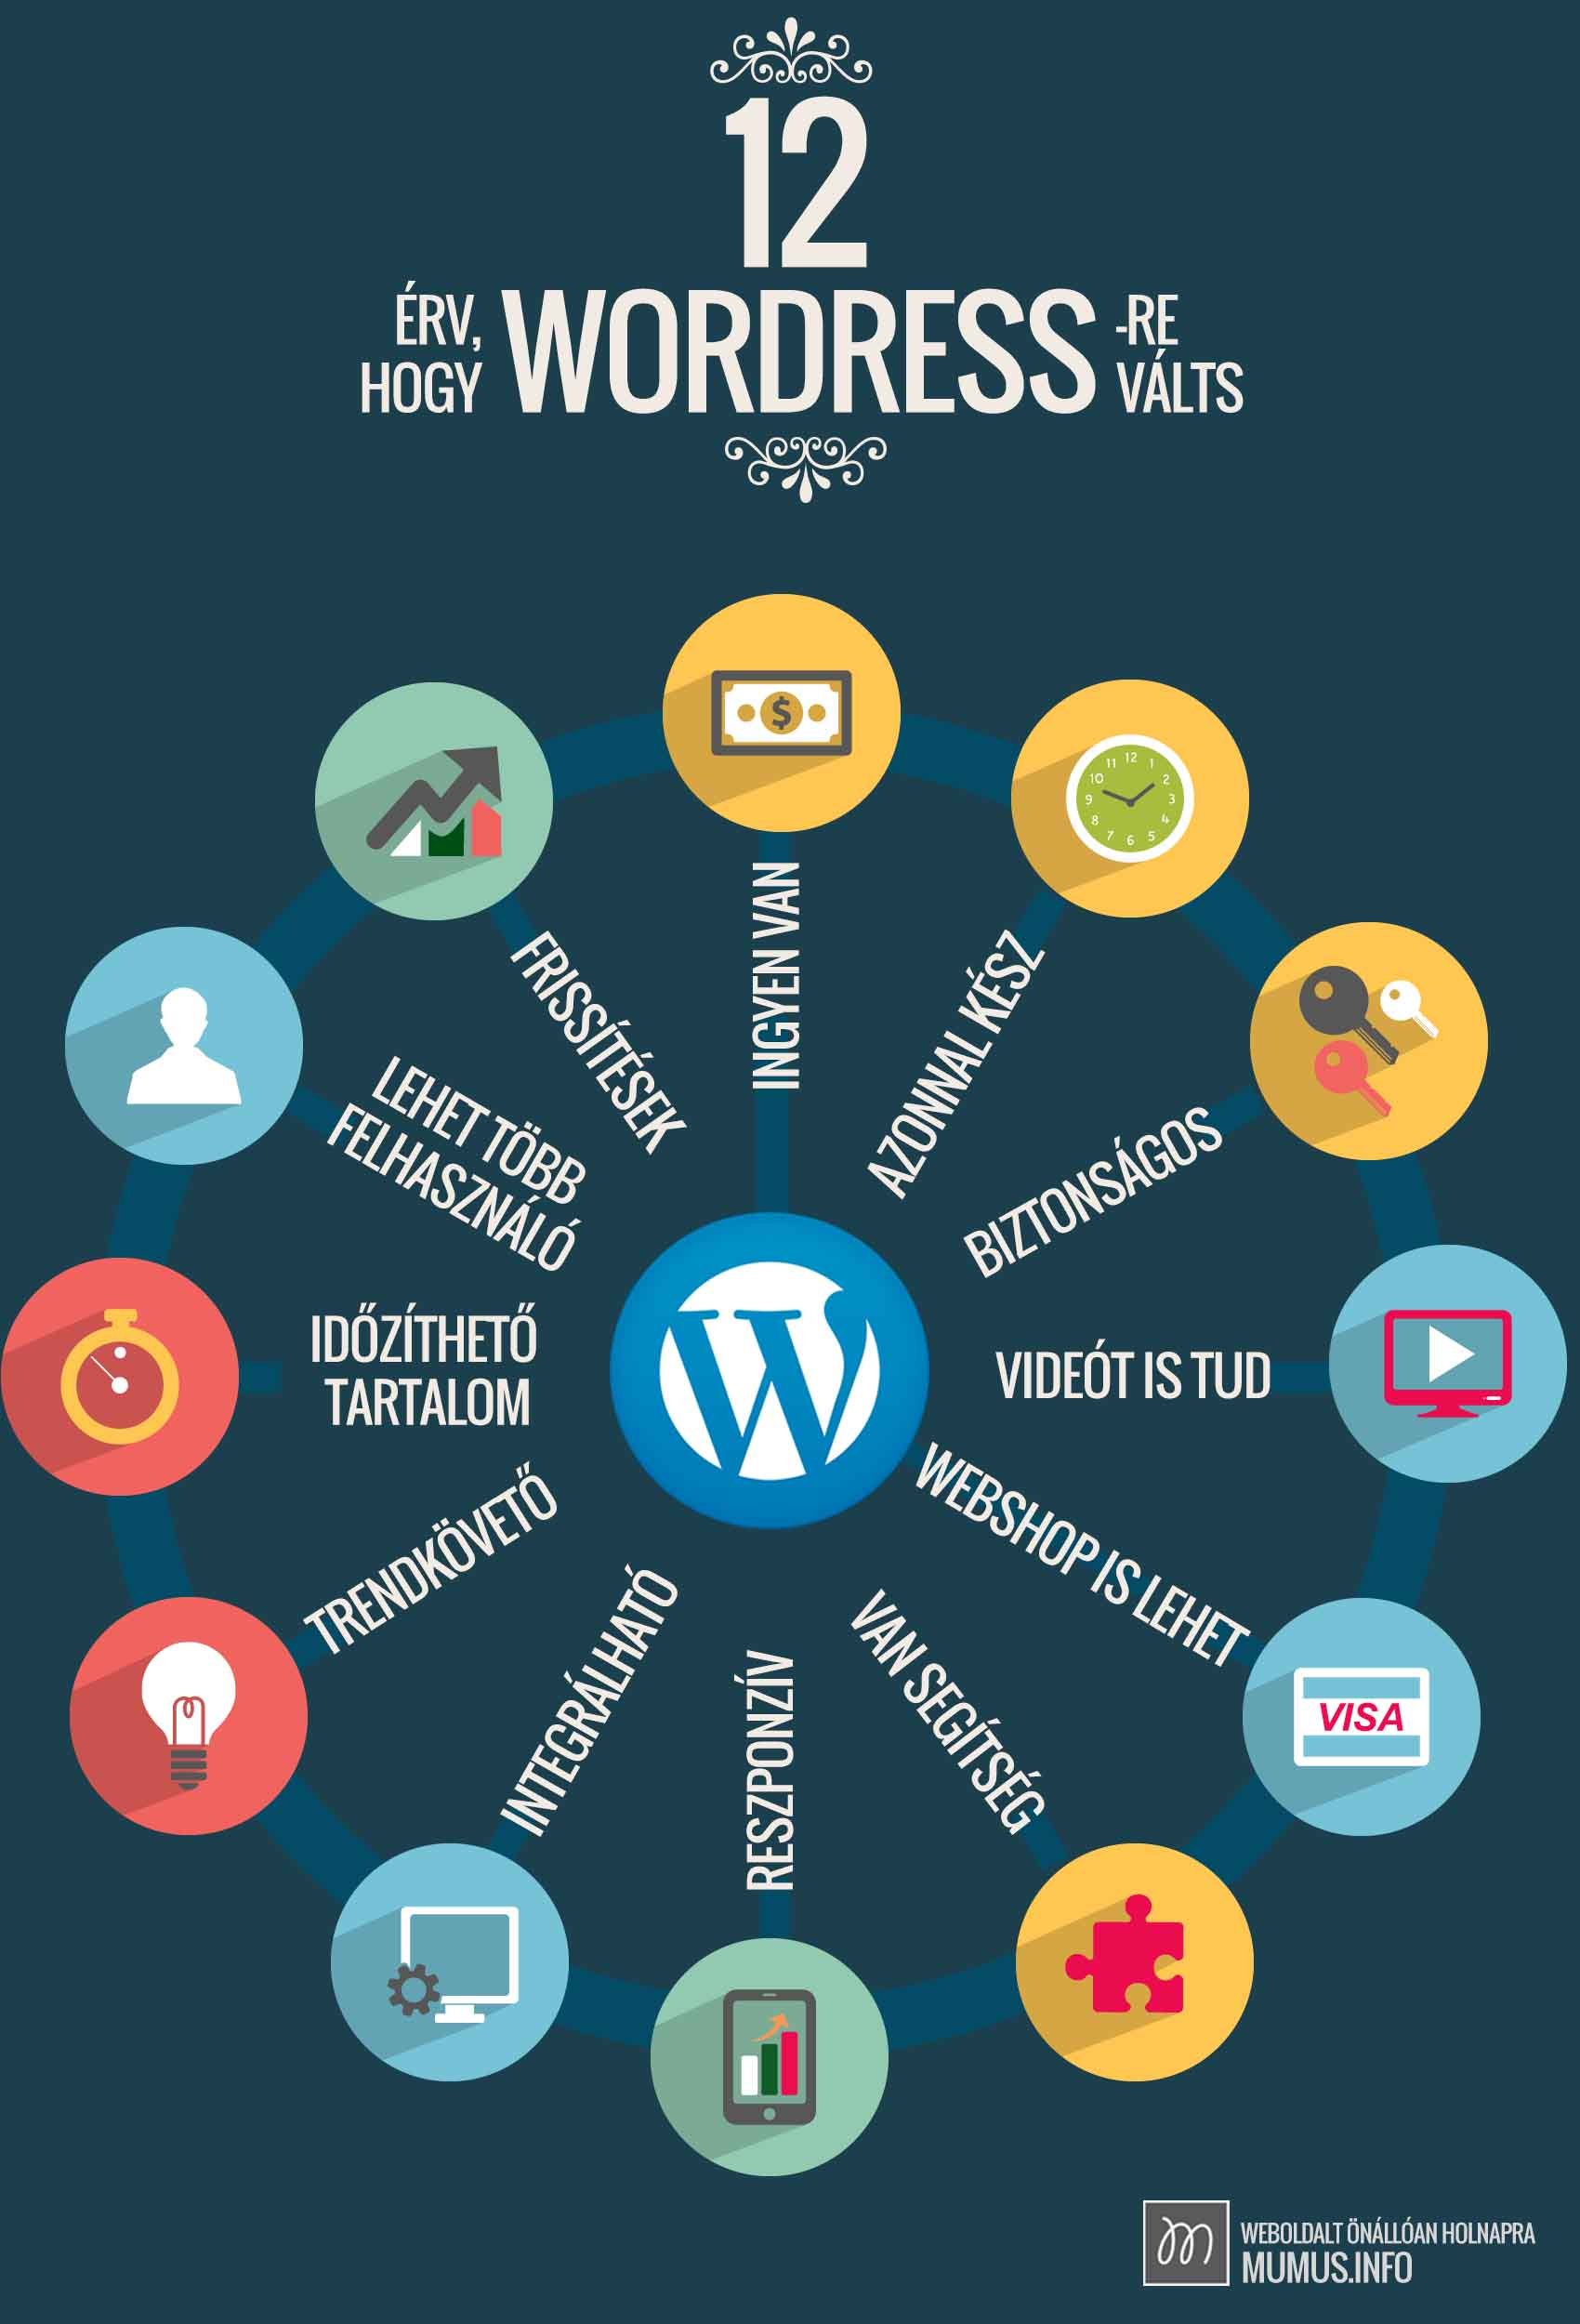 12 nyomós érv, hogy a WordPressre válts